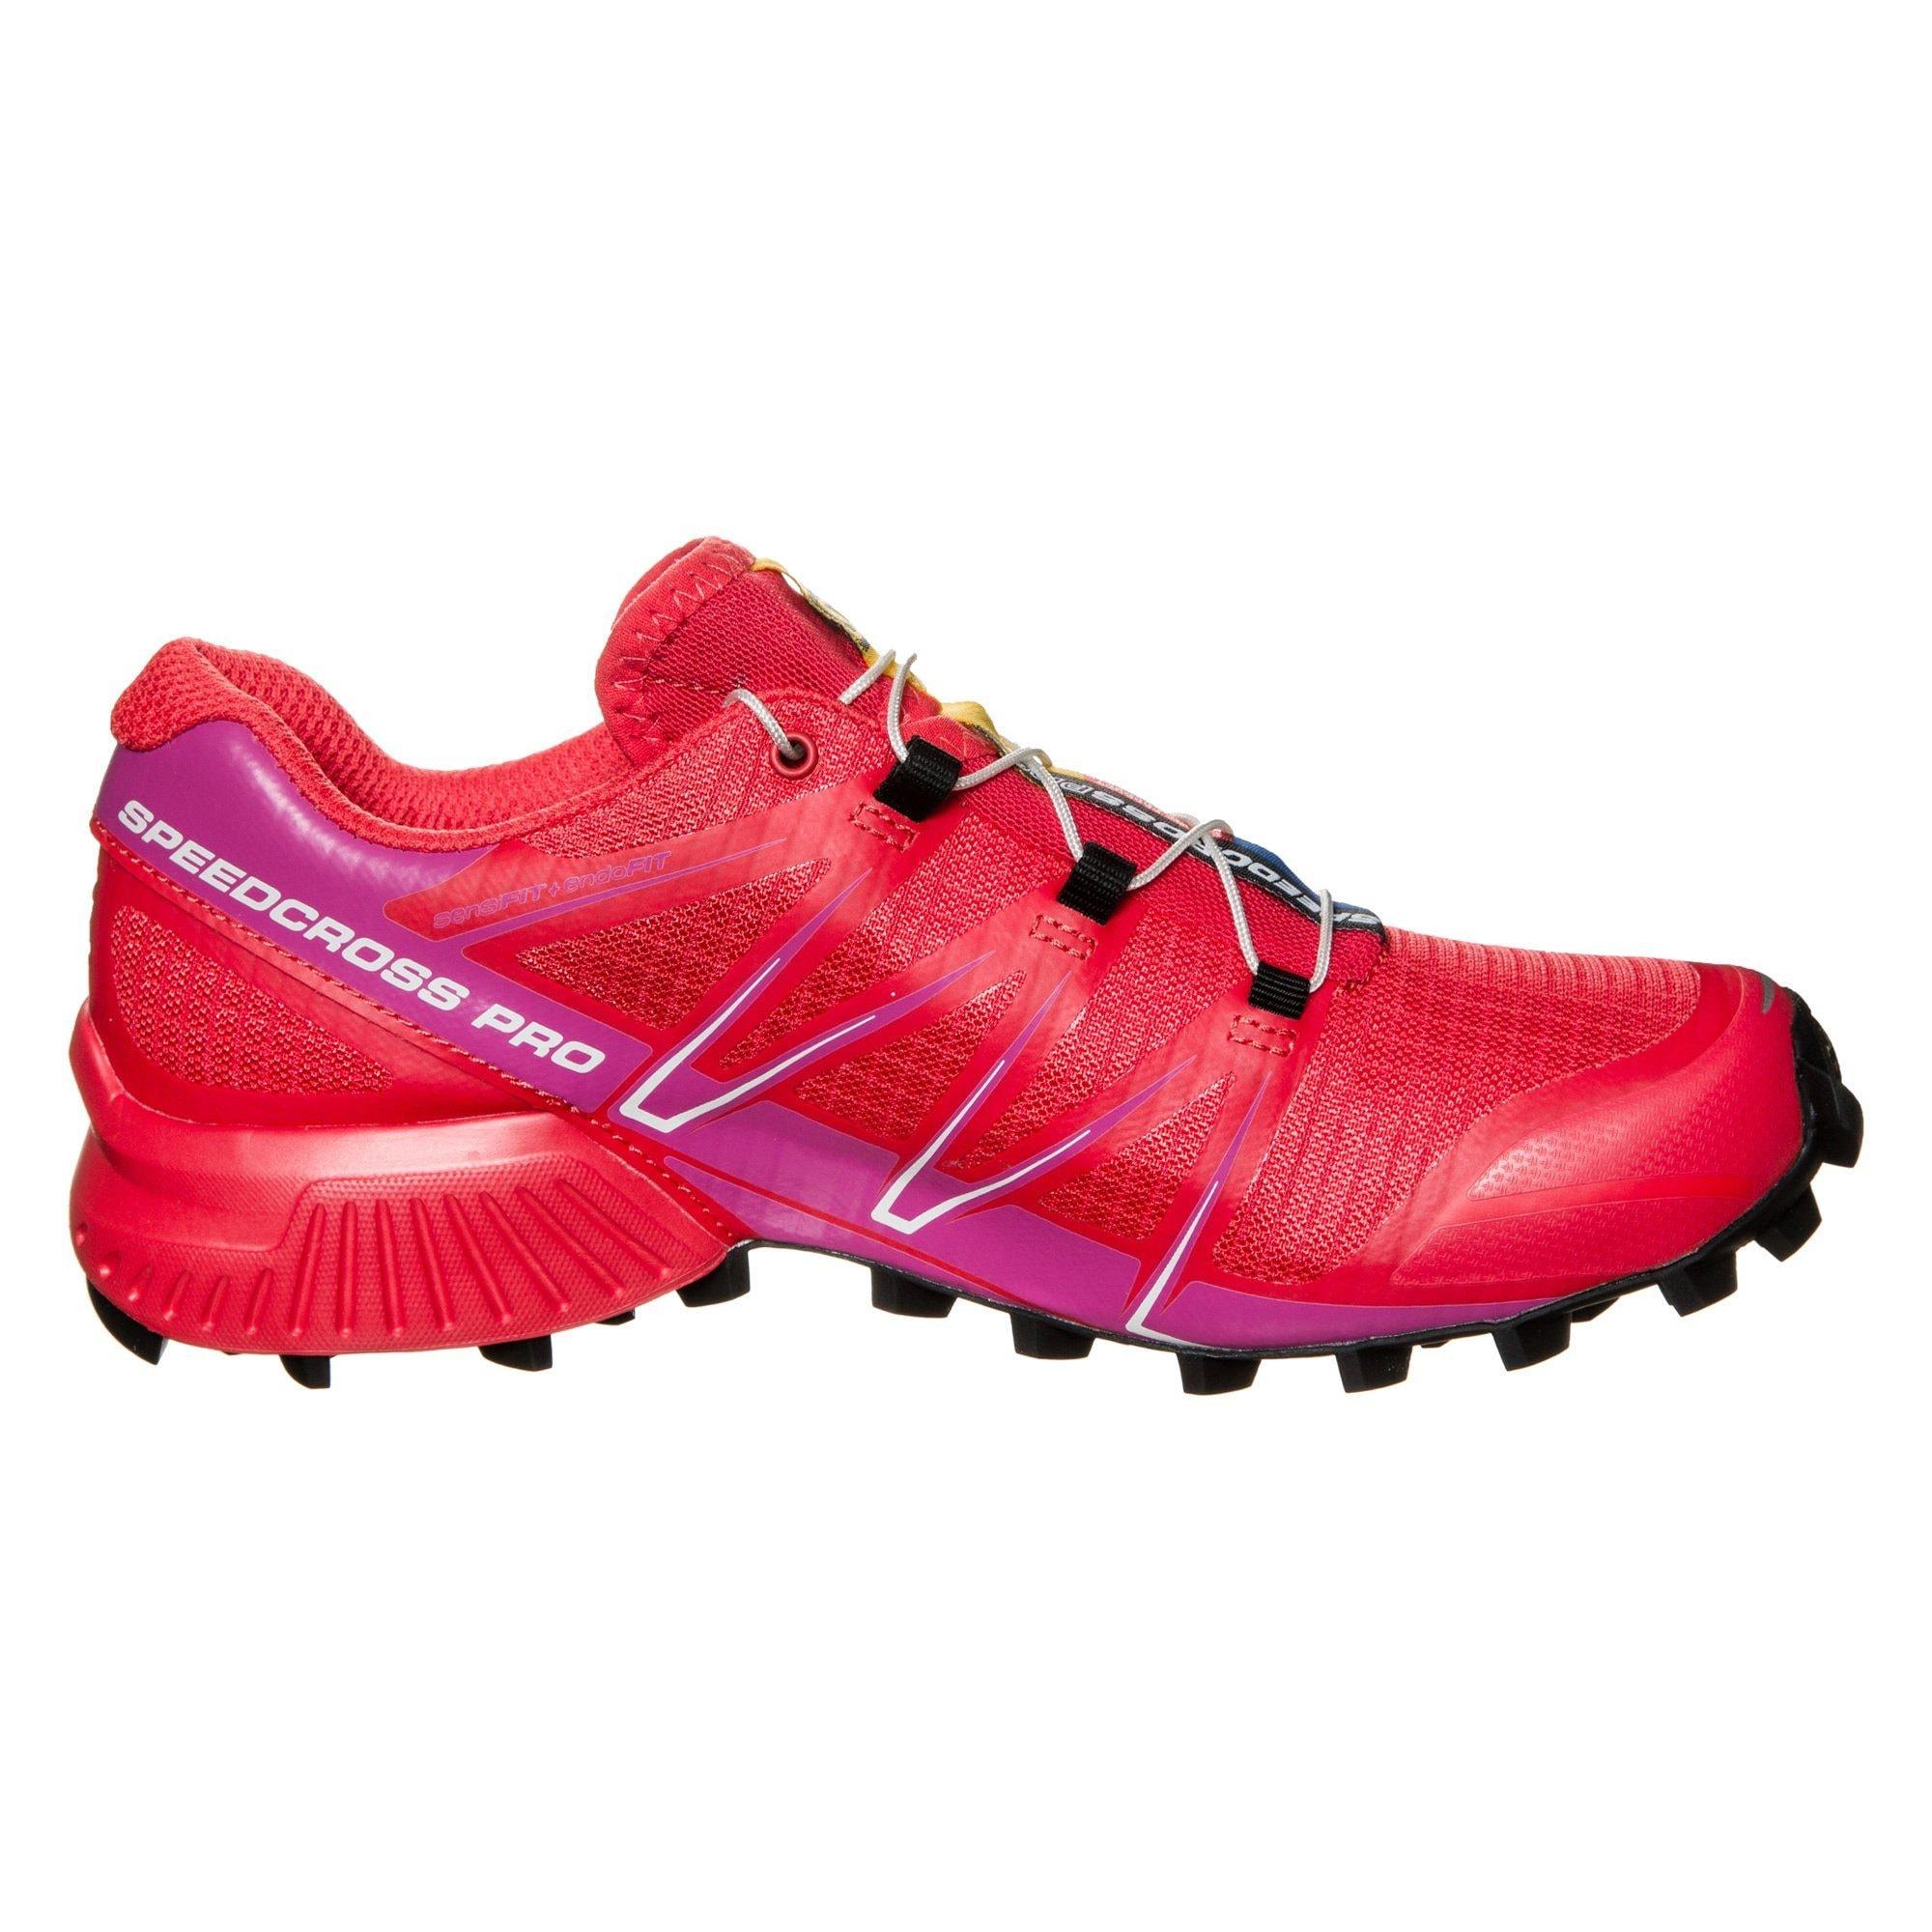 Salomon Speedcross Pro Trail Laufschuh Damen | Gutes Preis-Leistungs-Verhältnis, Preis-Leistungs-Verhältnis, Preis-Leistungs-Verhältnis, es lohnt sich 6776b4